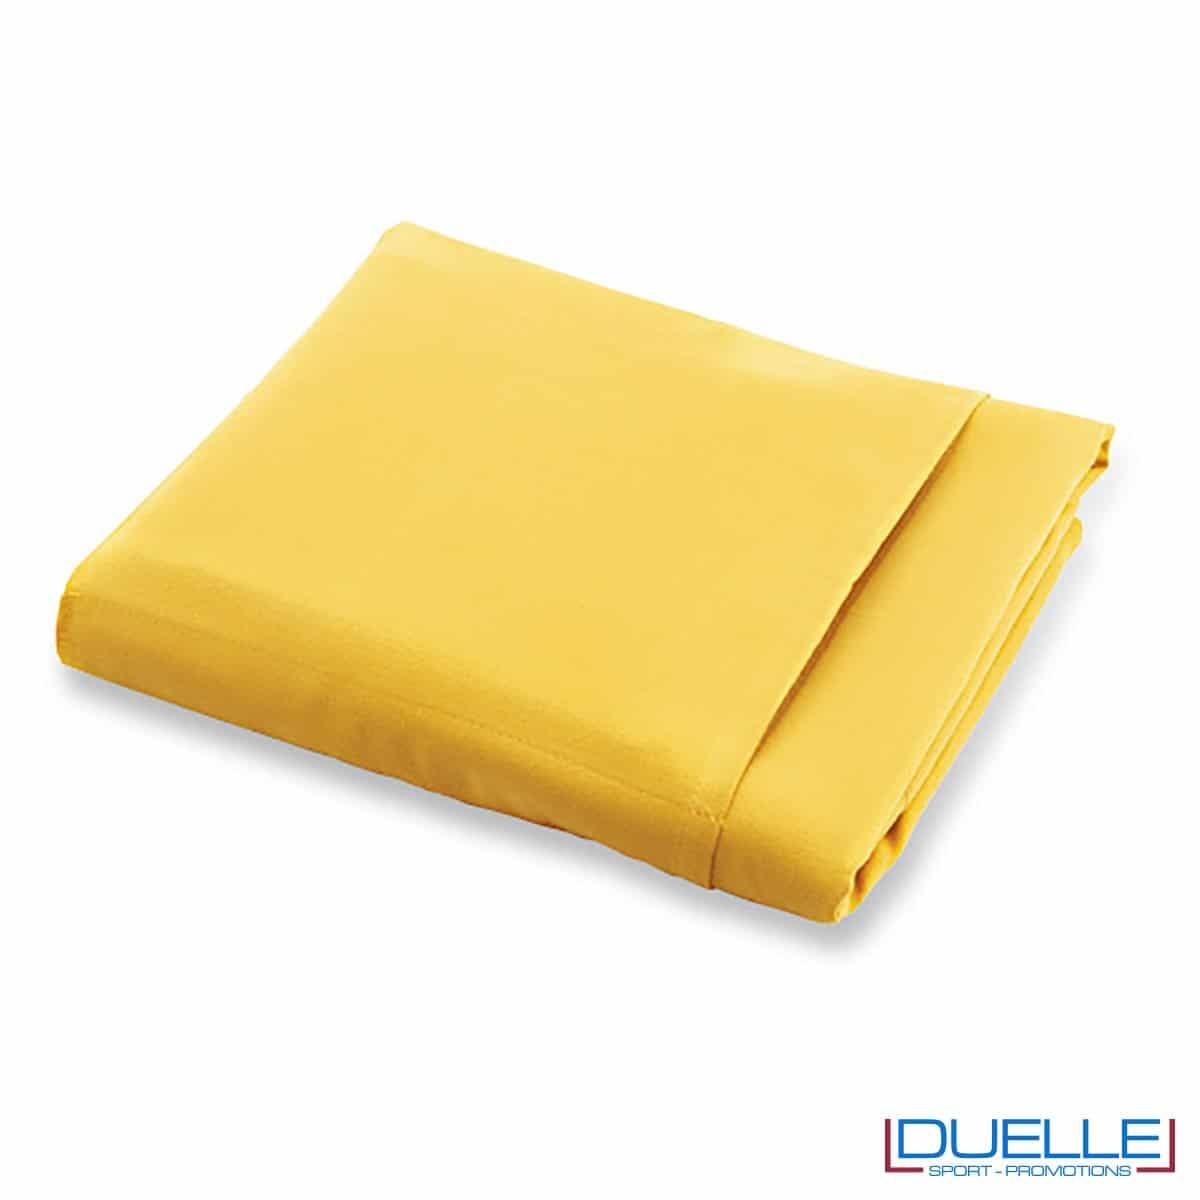 telo promozionale microfibra giallo, gadget viaggio